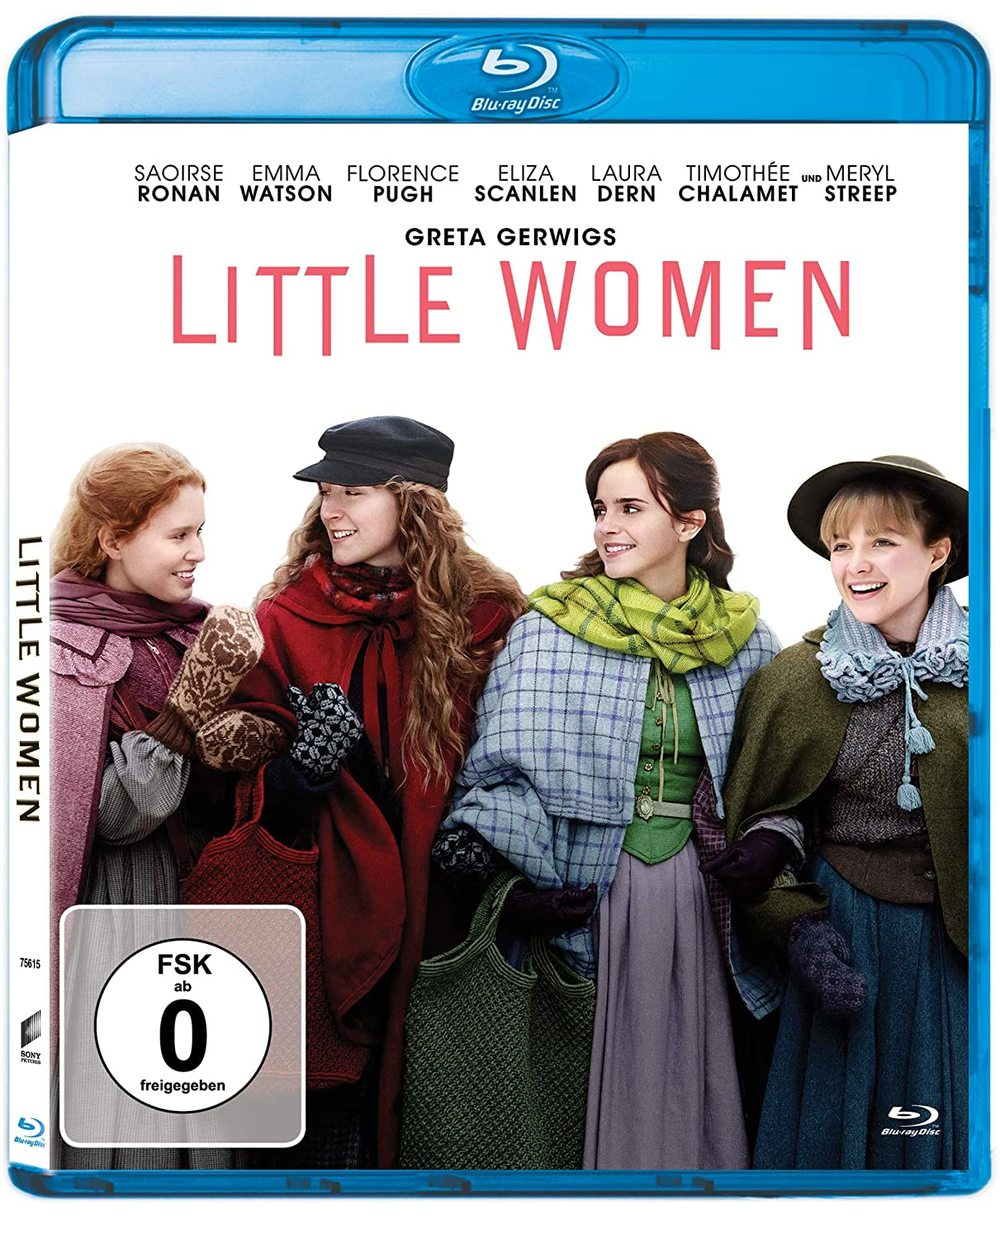 """Es geht um echte Größe: Wir verlosen die gefeierte Literaturverfilmung """"Little Women"""" auf BD"""